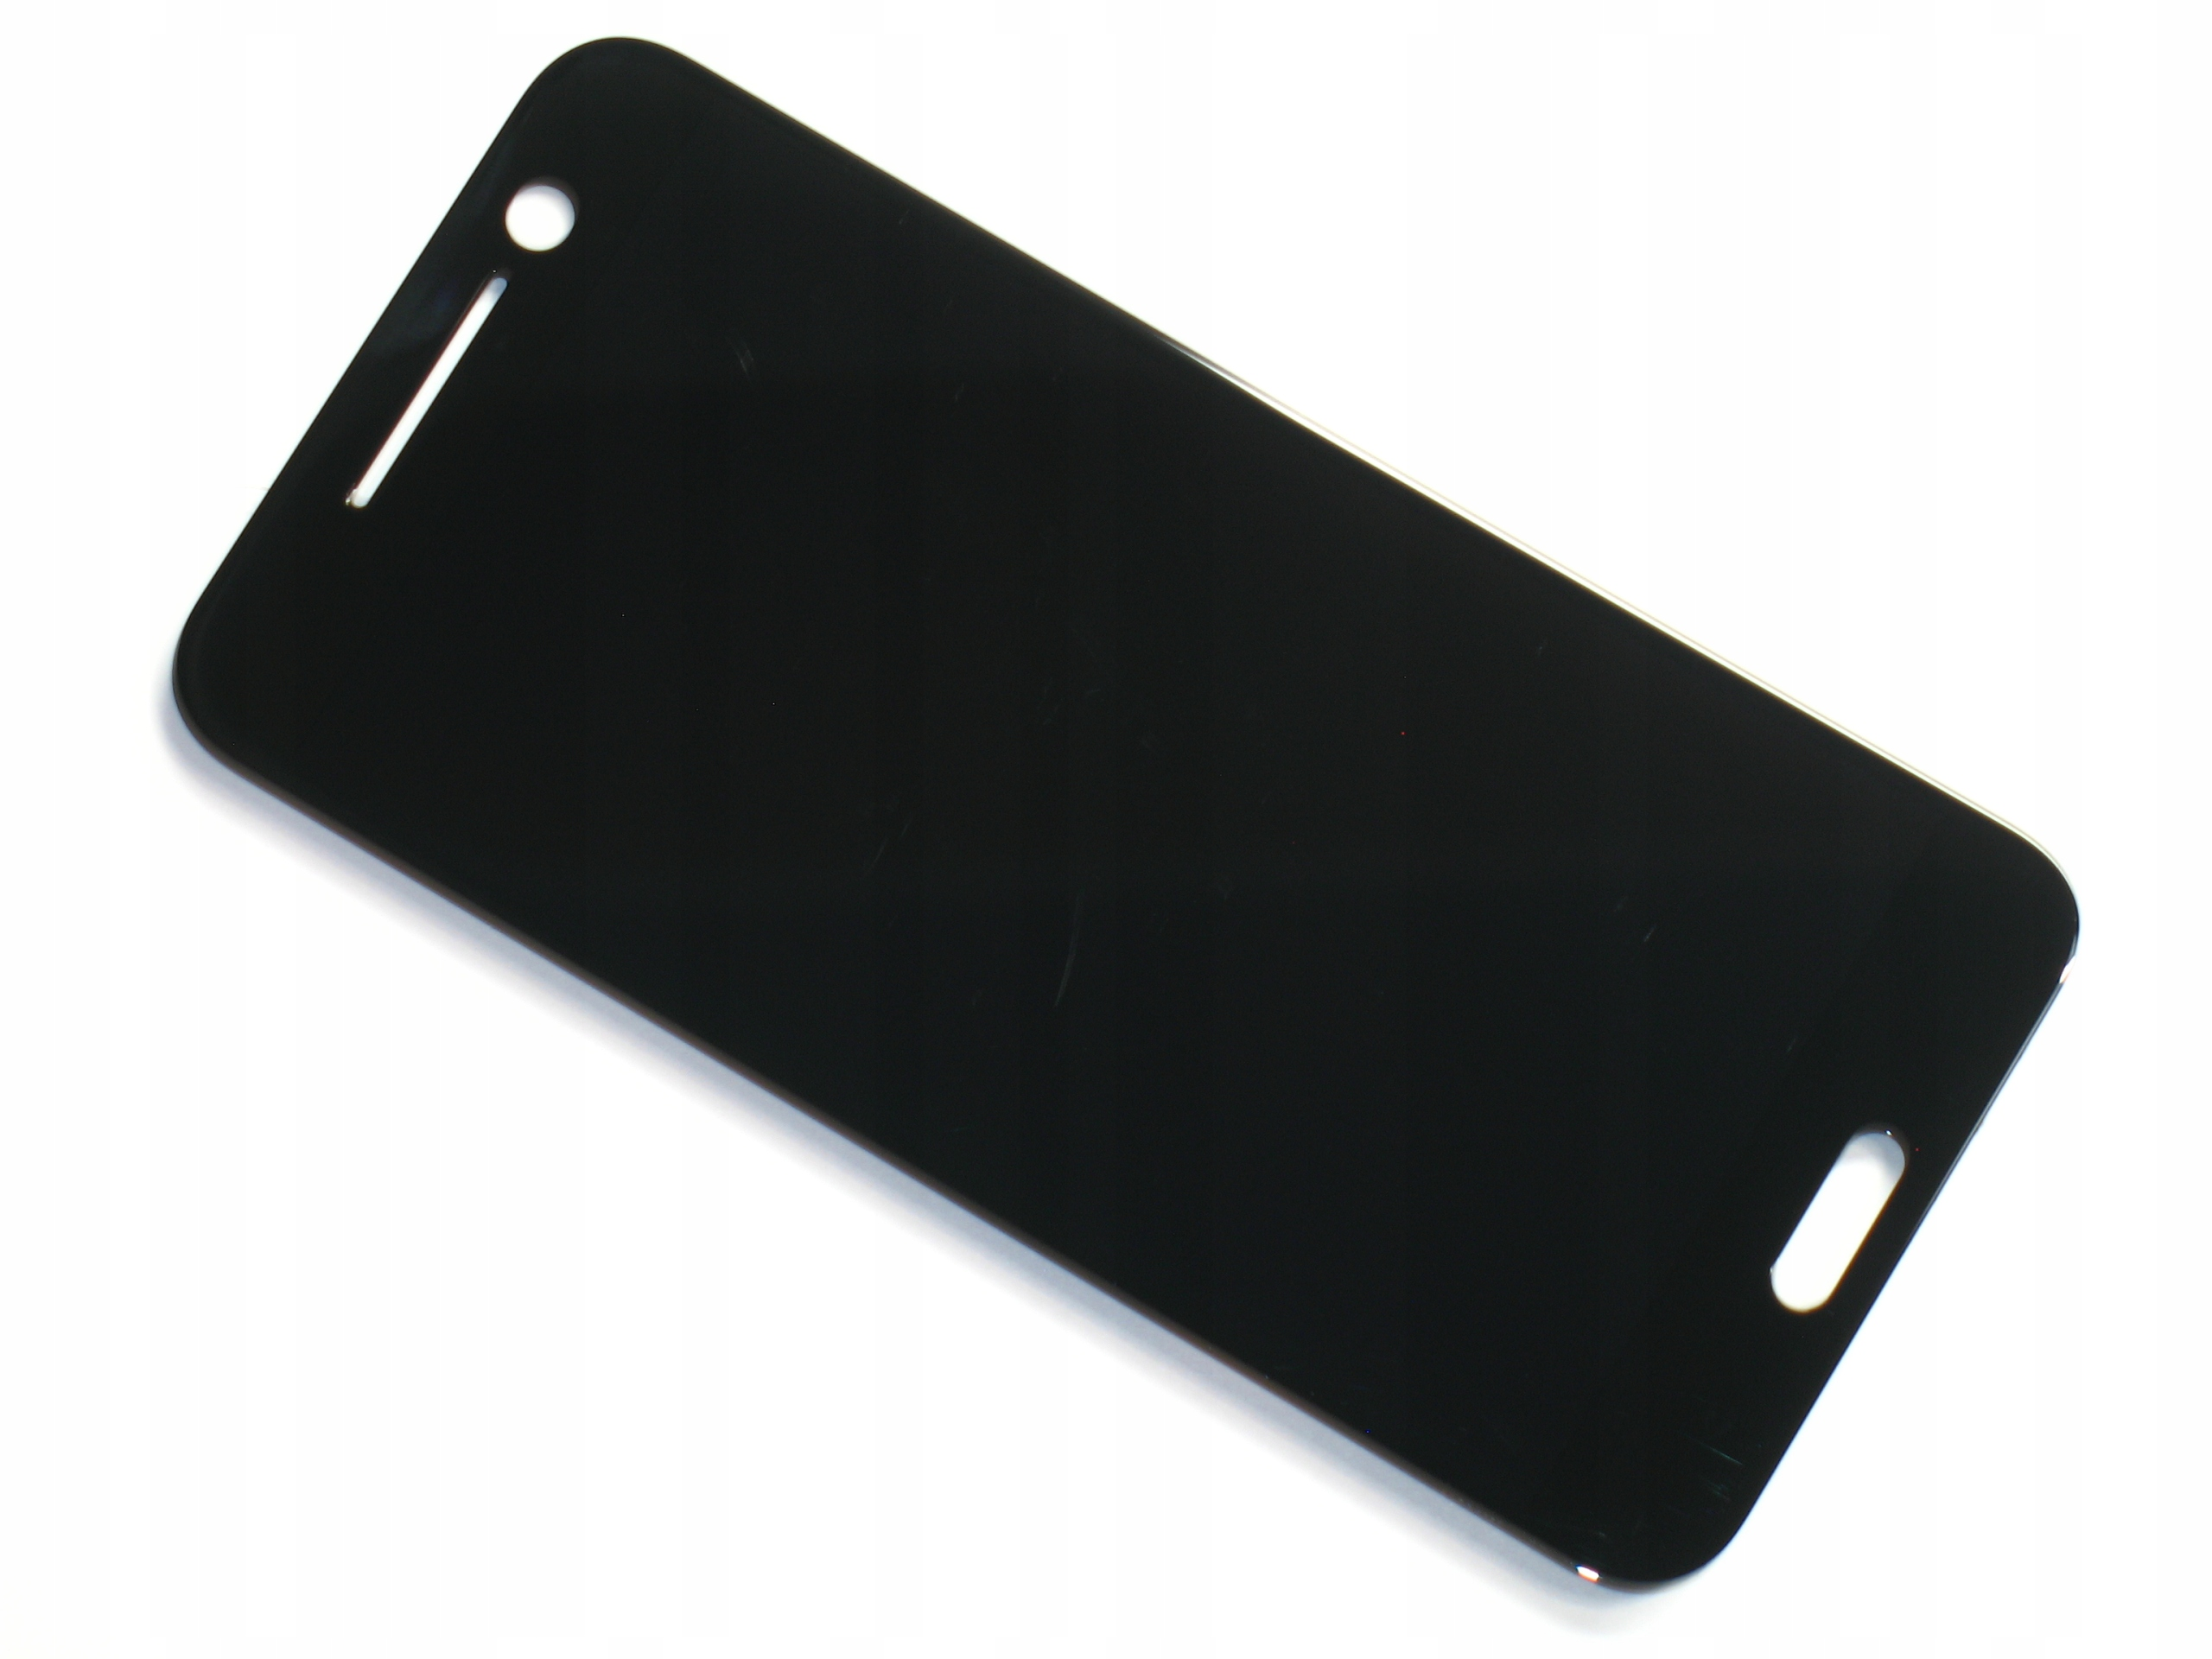    WYŚWIETLACZ HTC M10 Black   